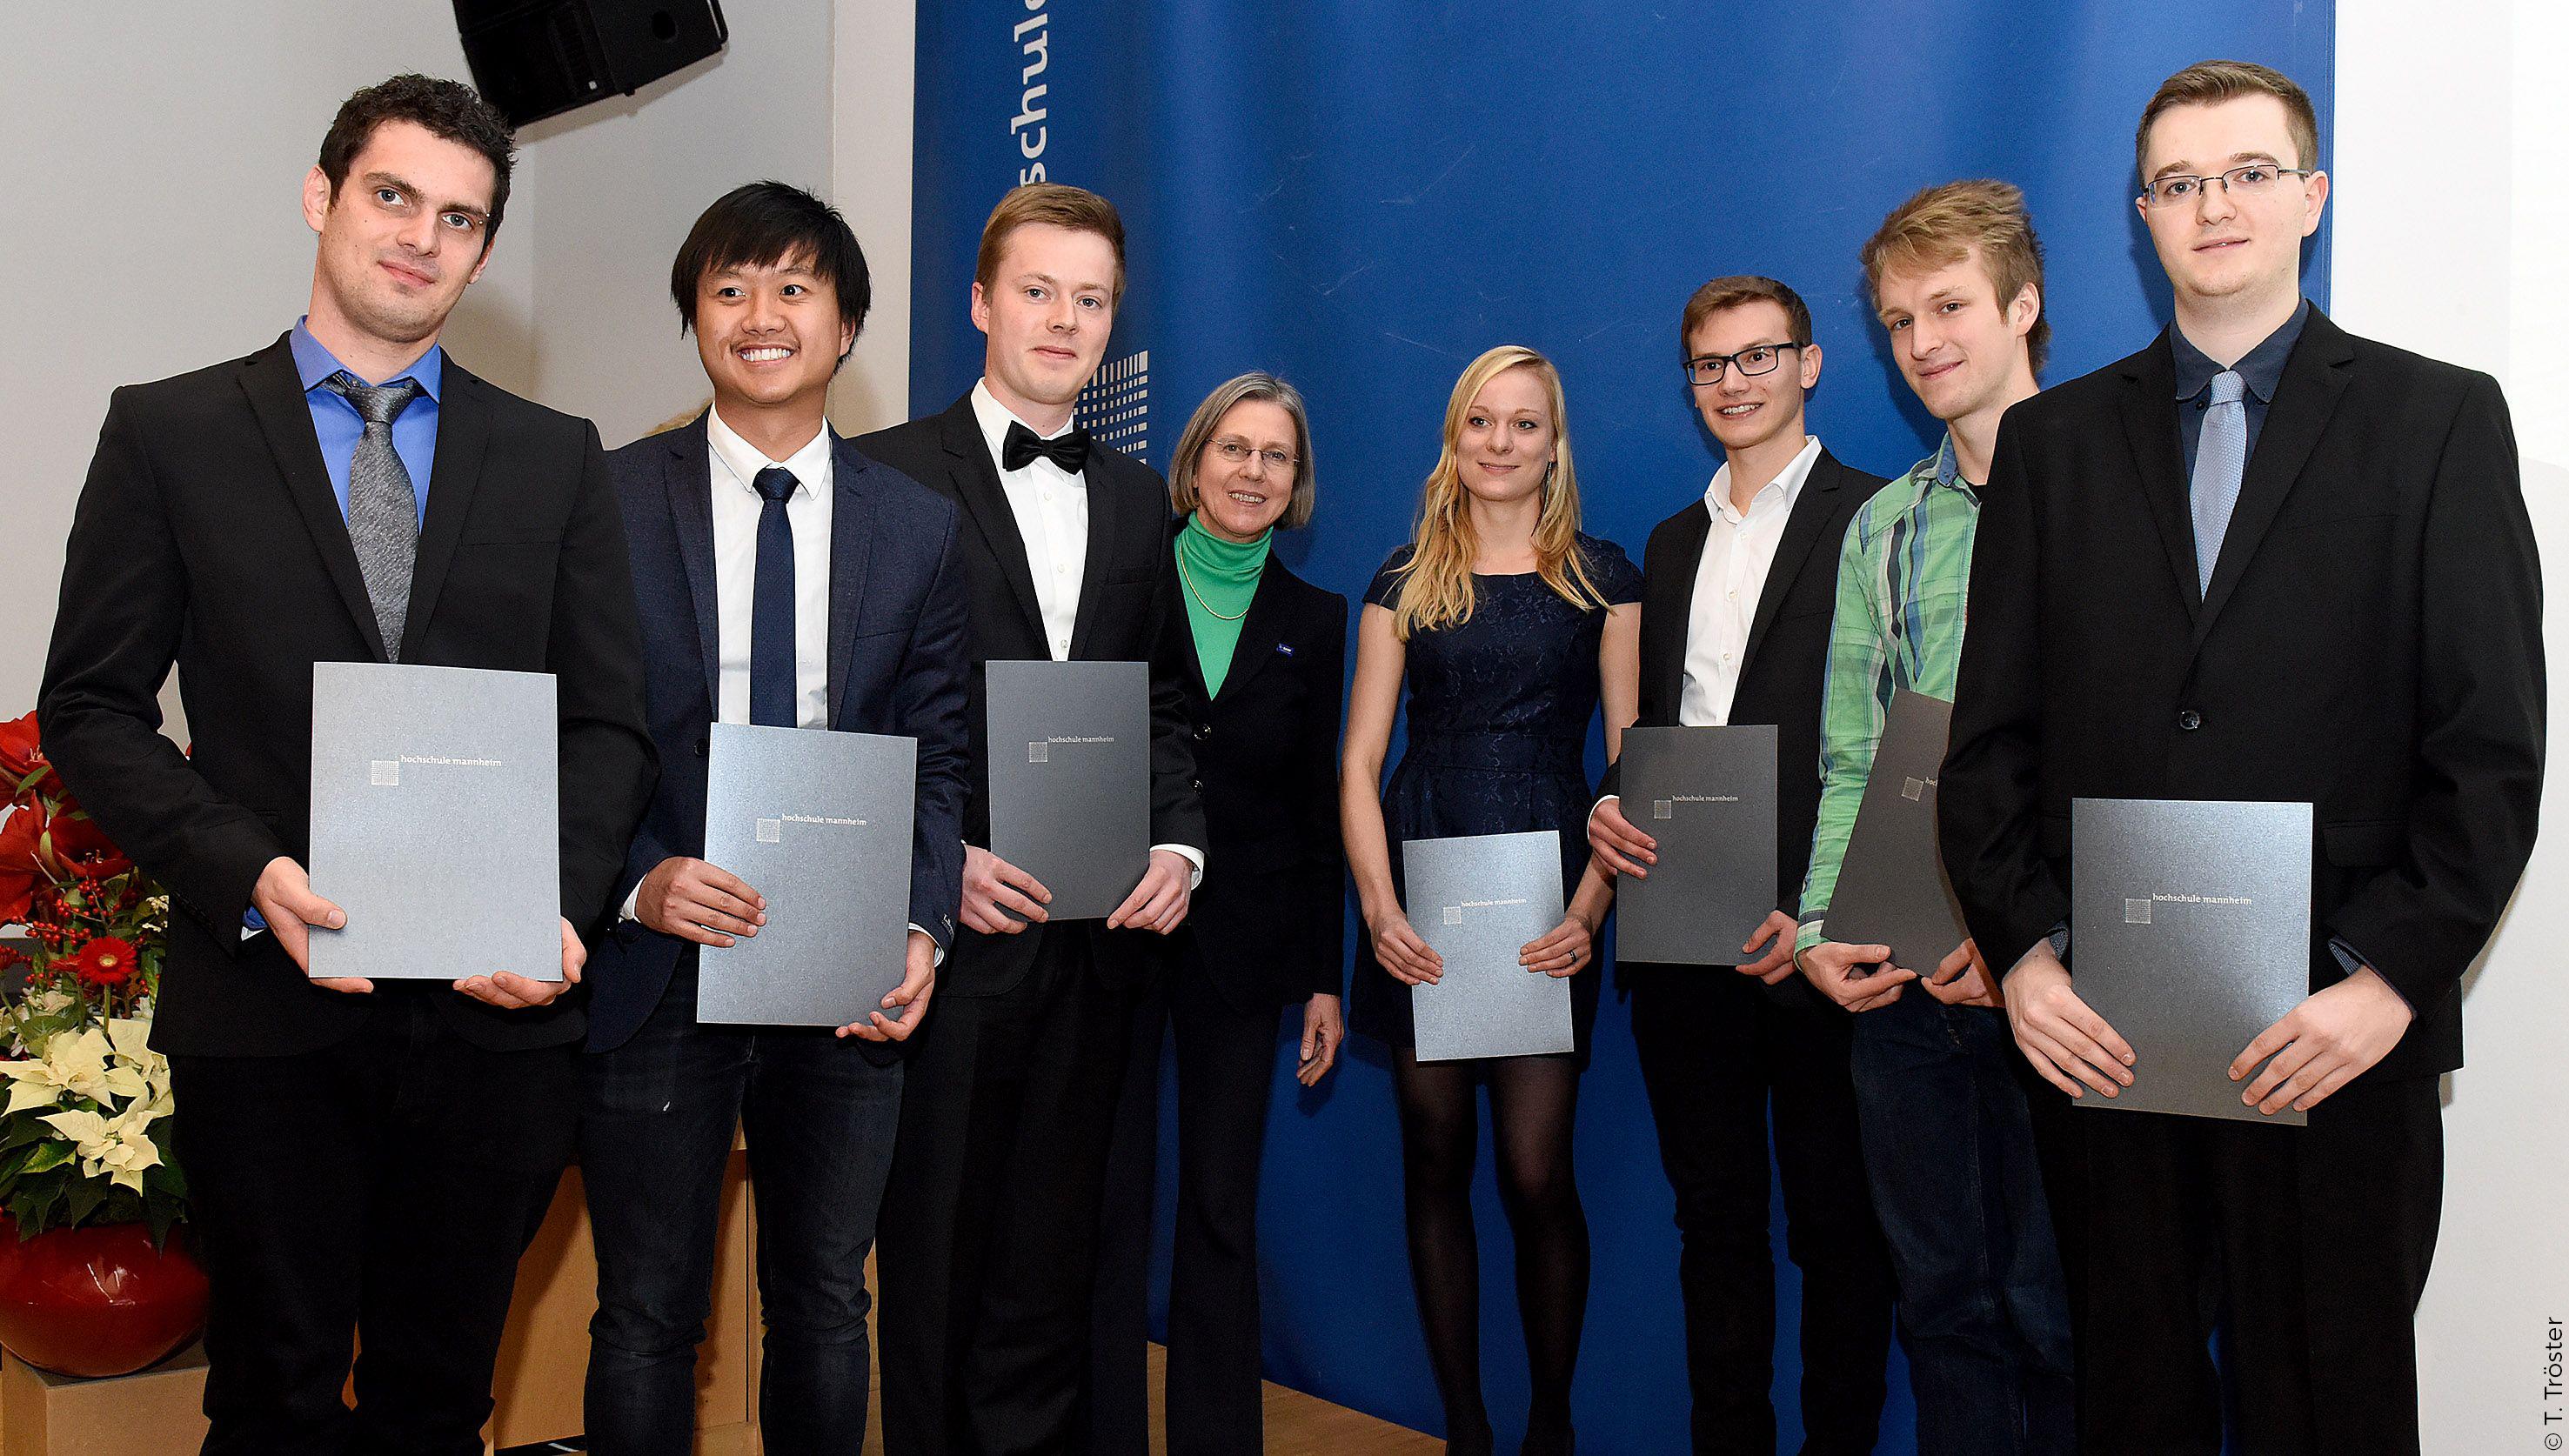 Insgesamt 8 Stipendien werden von der BASF finanziert